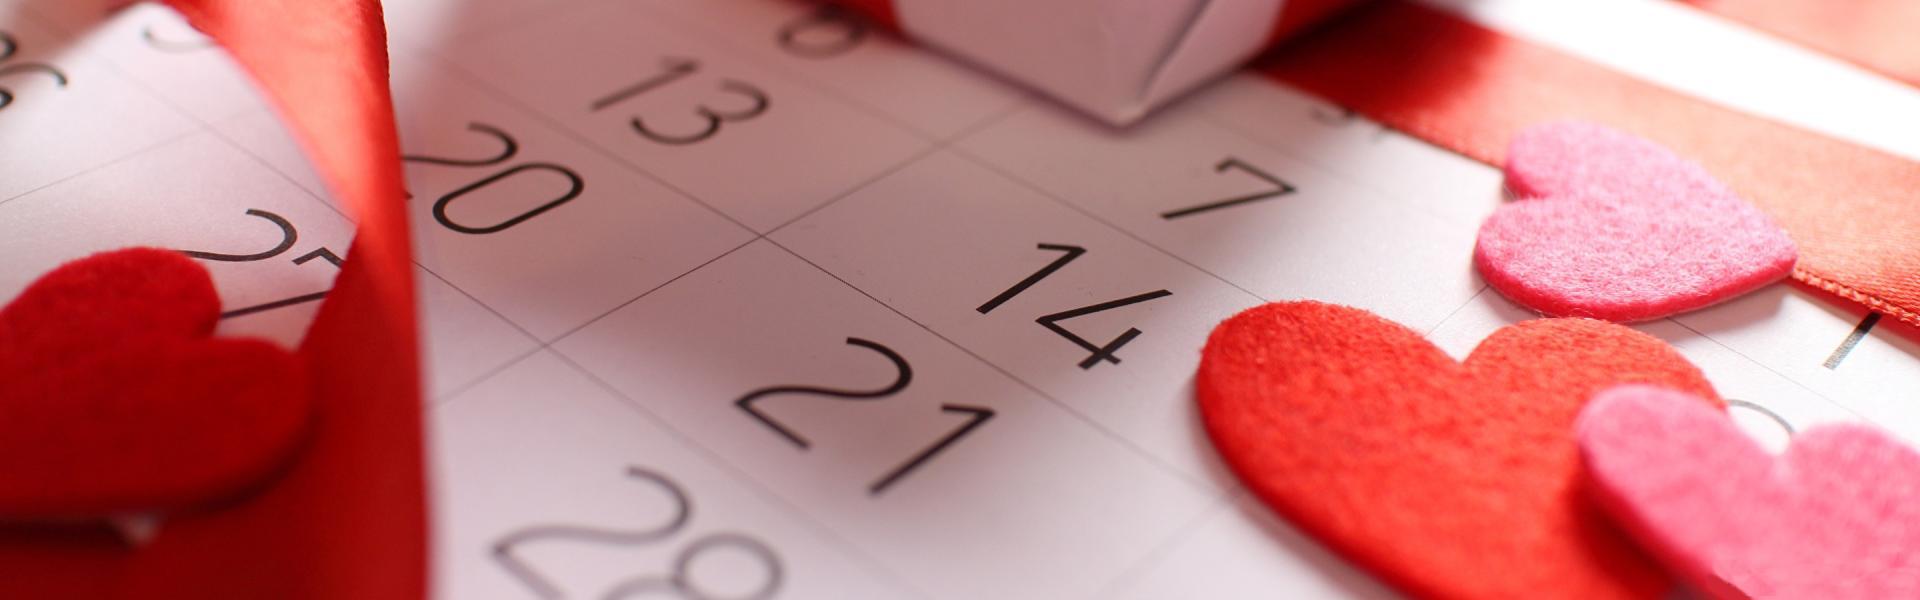 Countdown San Valentino nel Tuo sito